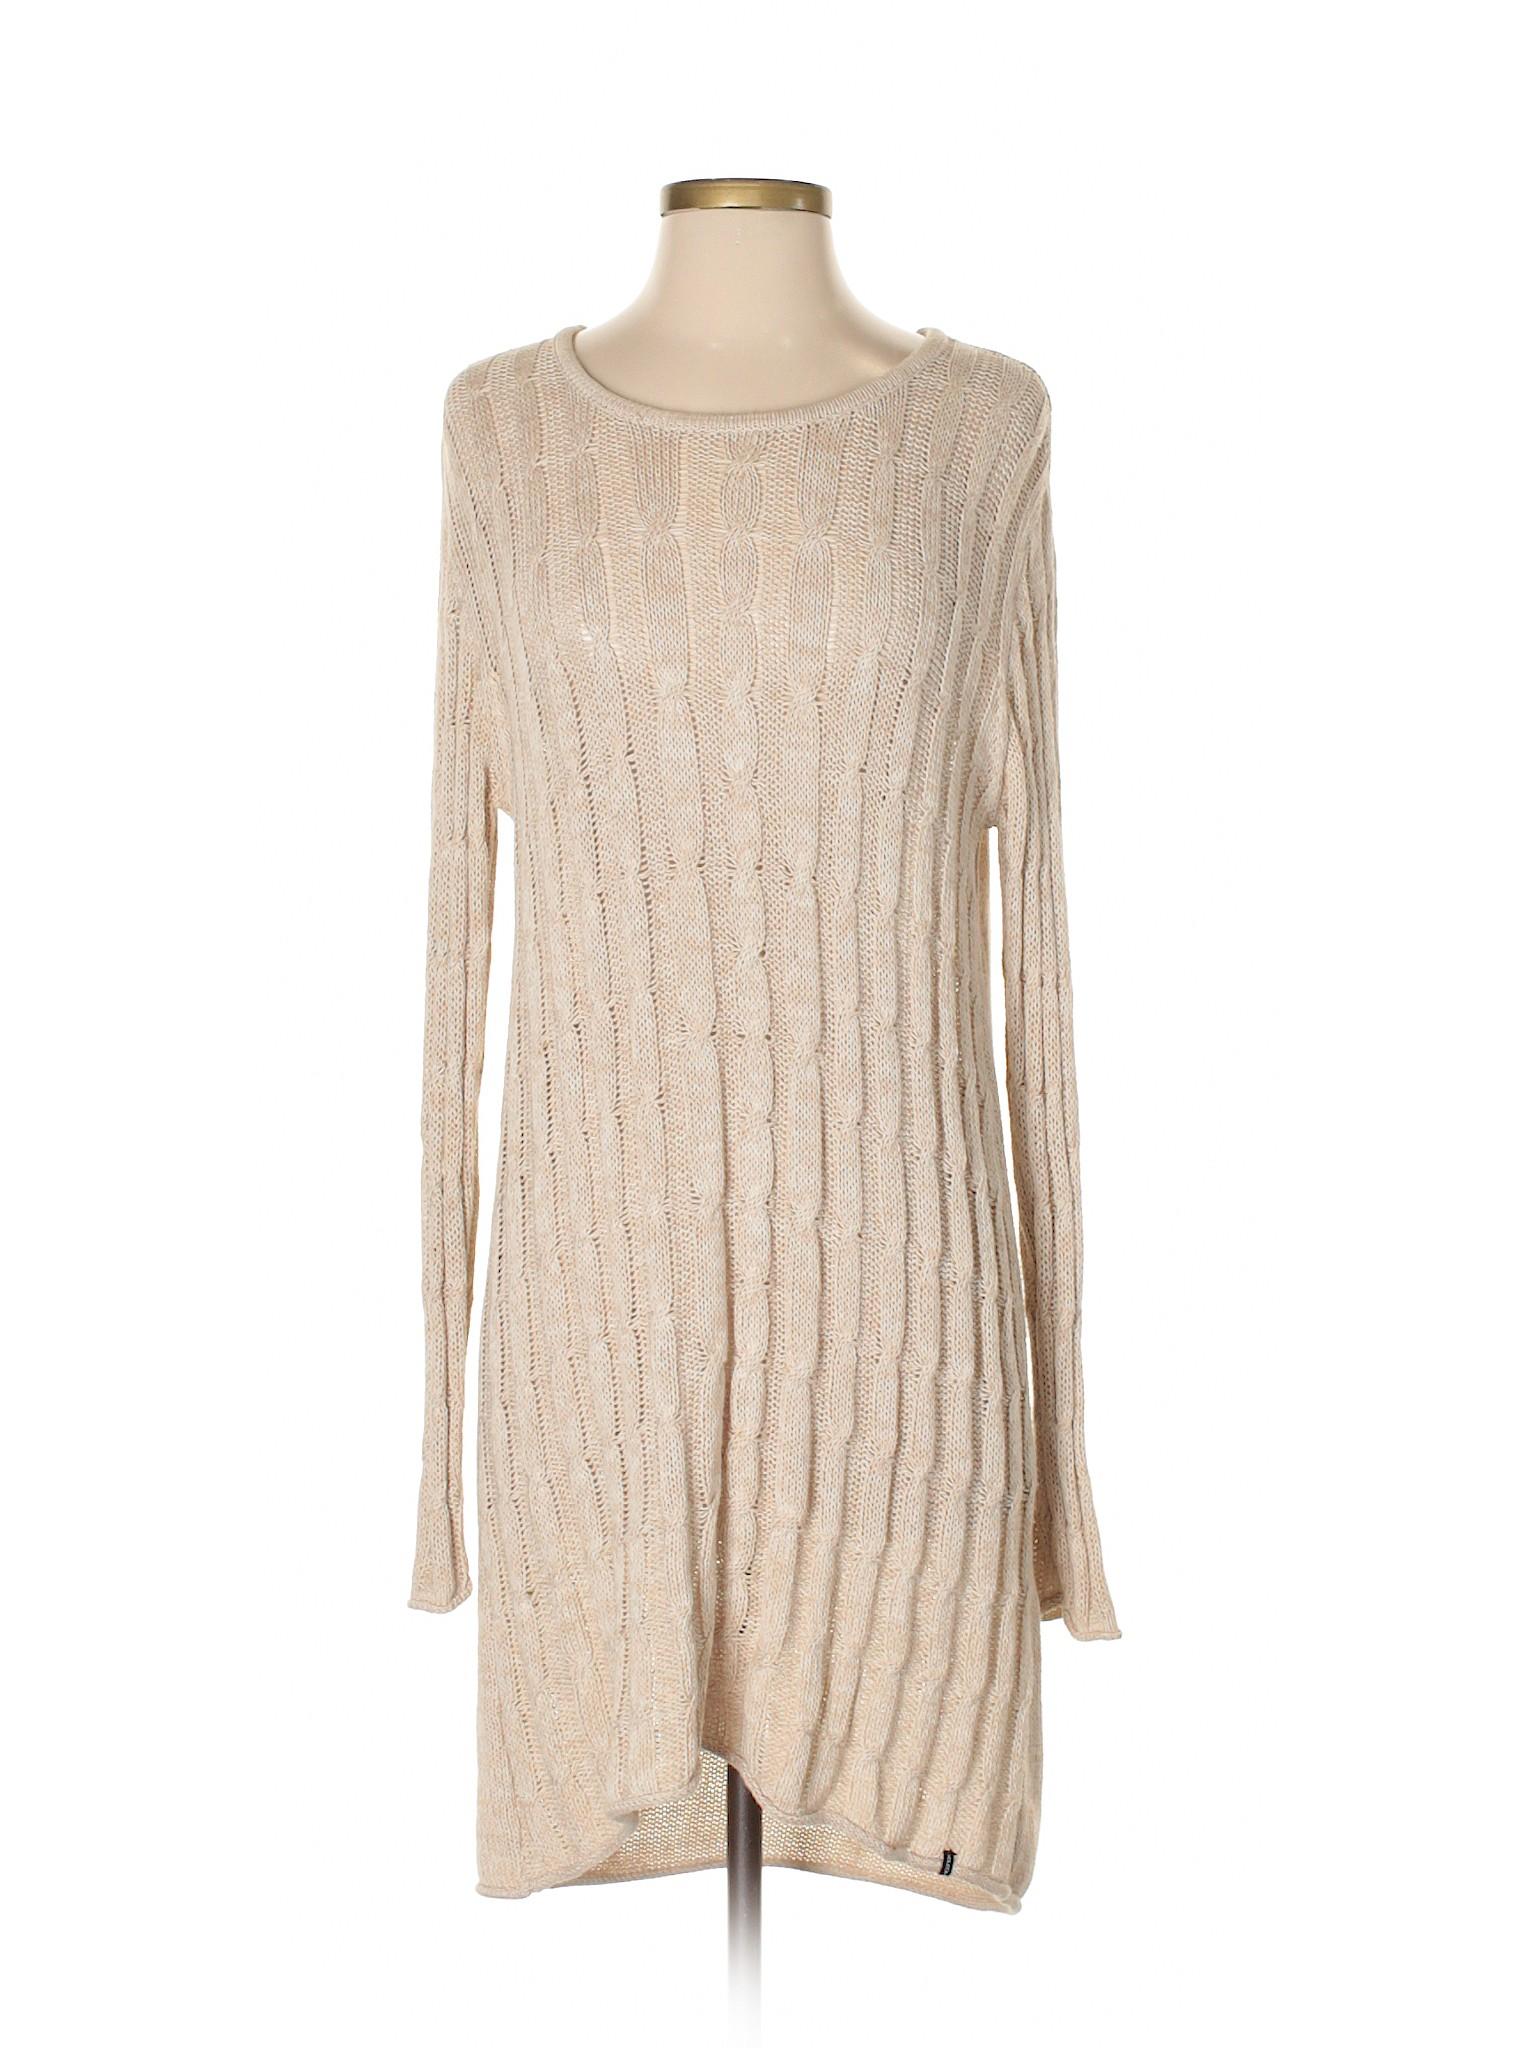 Boutique Boutique Winter Casual Winter Casual Volcom Volcom Dress Dress Boutique Casual Volcom Winter Dress z4qrwHzA